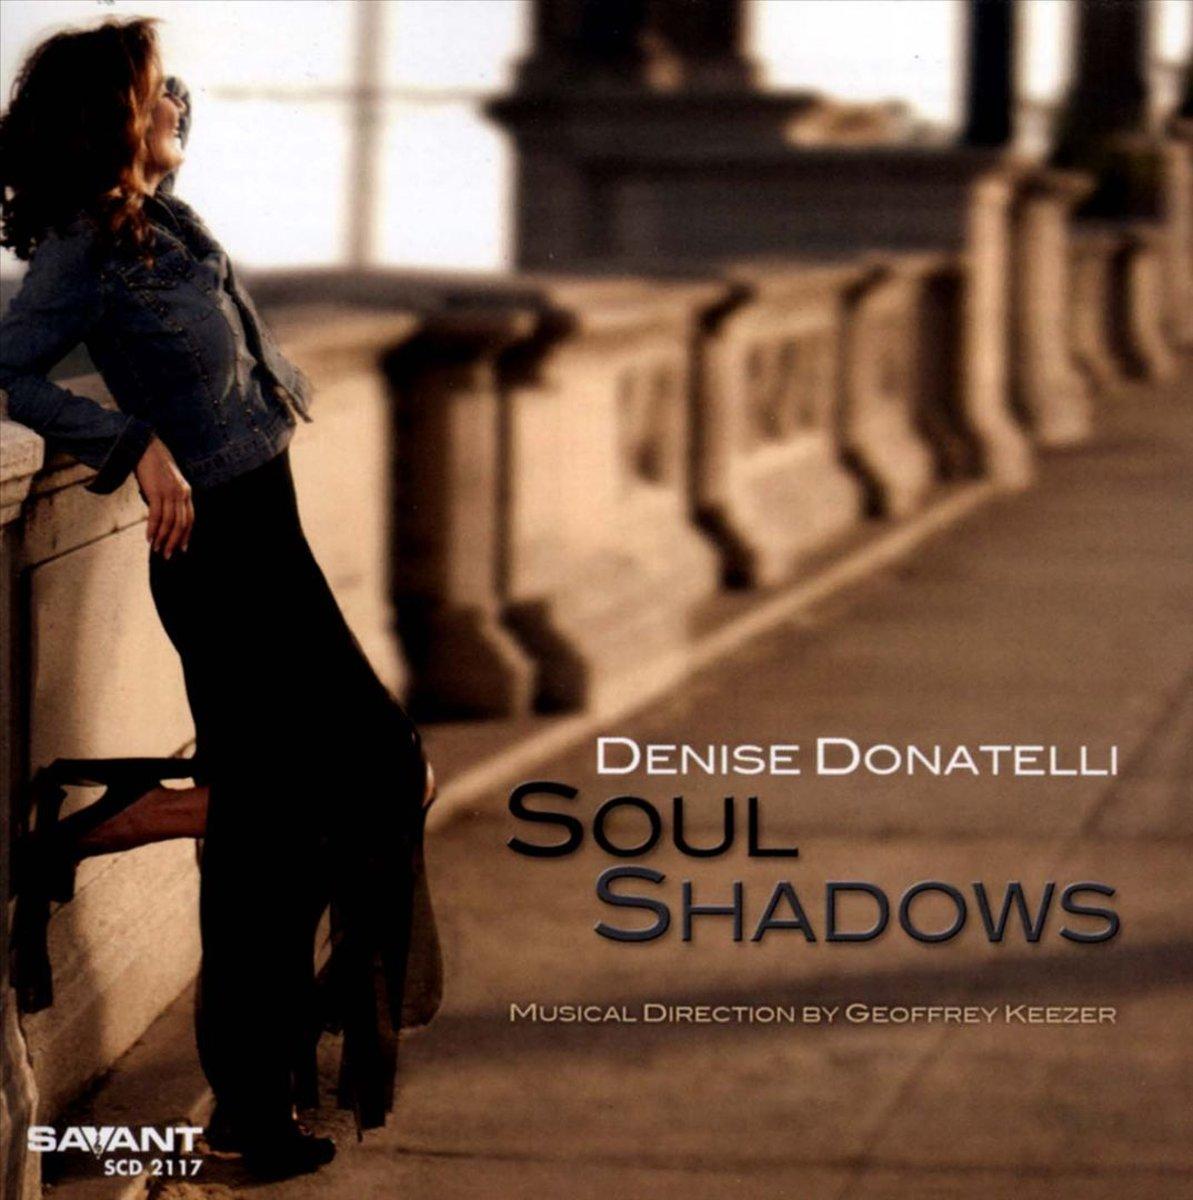 Denise Donatelli Denise Donatelli Soul Shadows